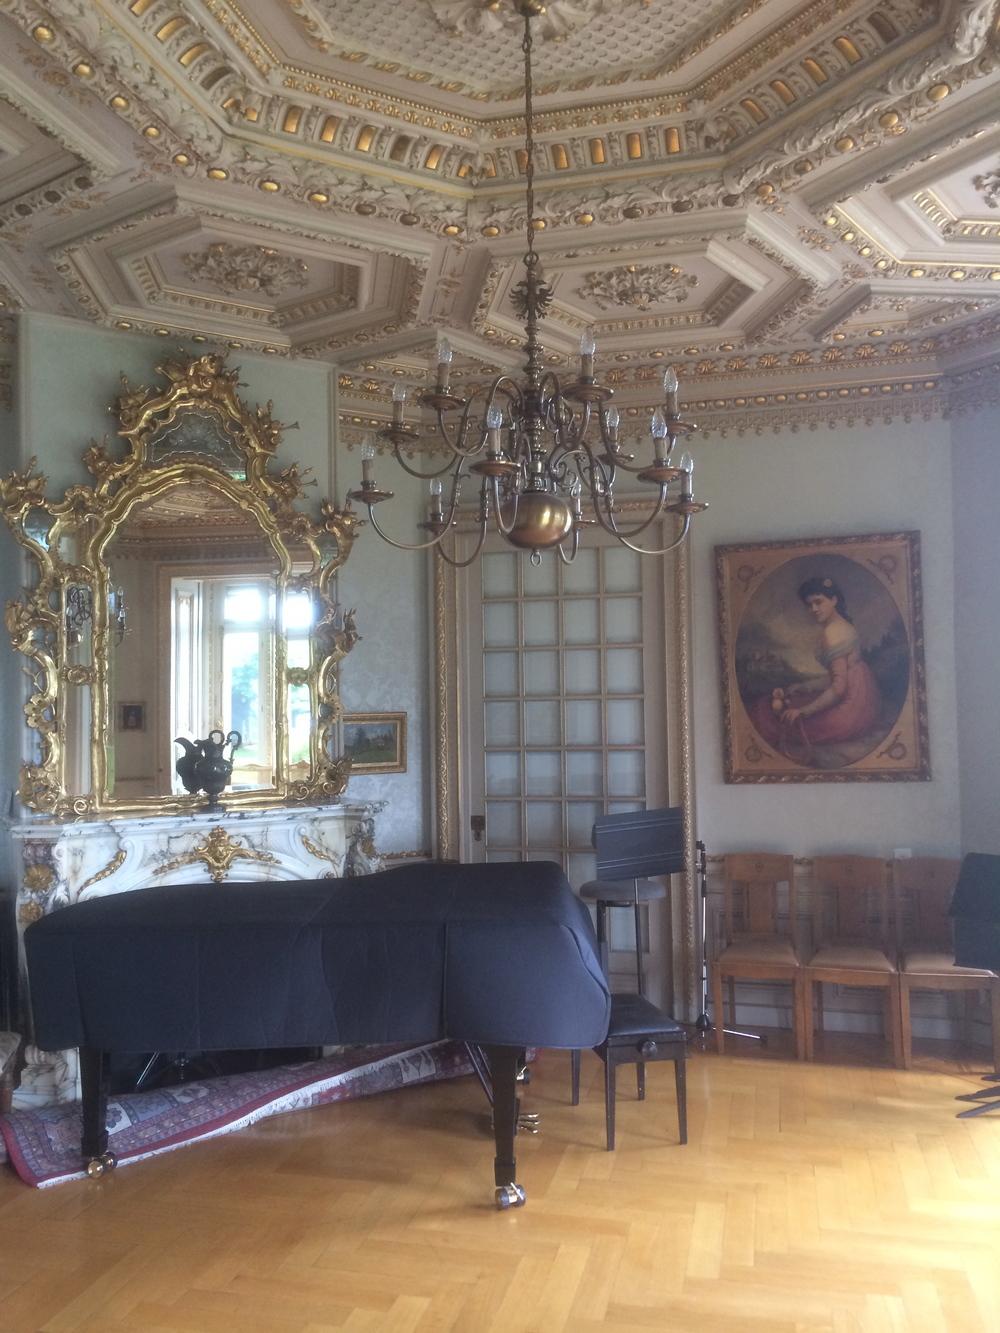 琉森音樂學院的琴房